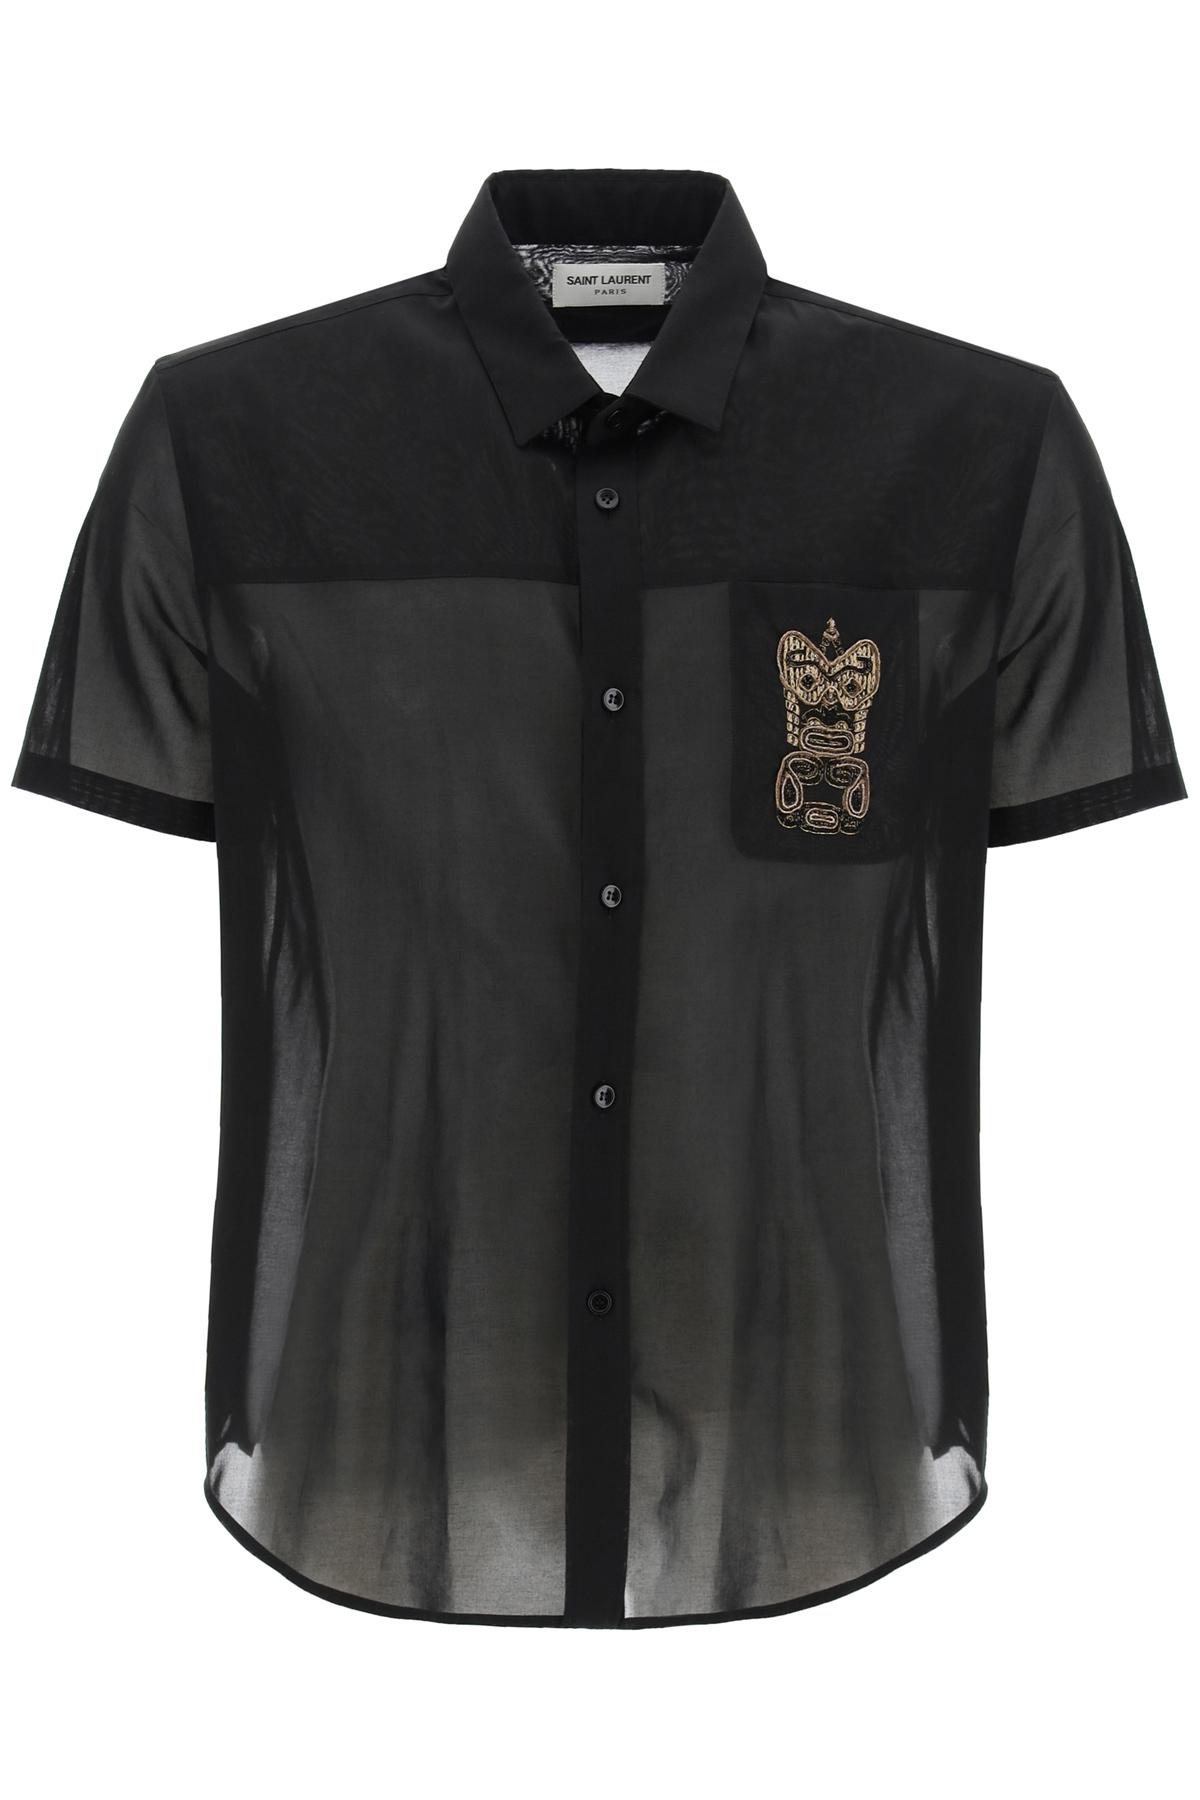 Saint laurent camicia in voile di cotone con ricamo